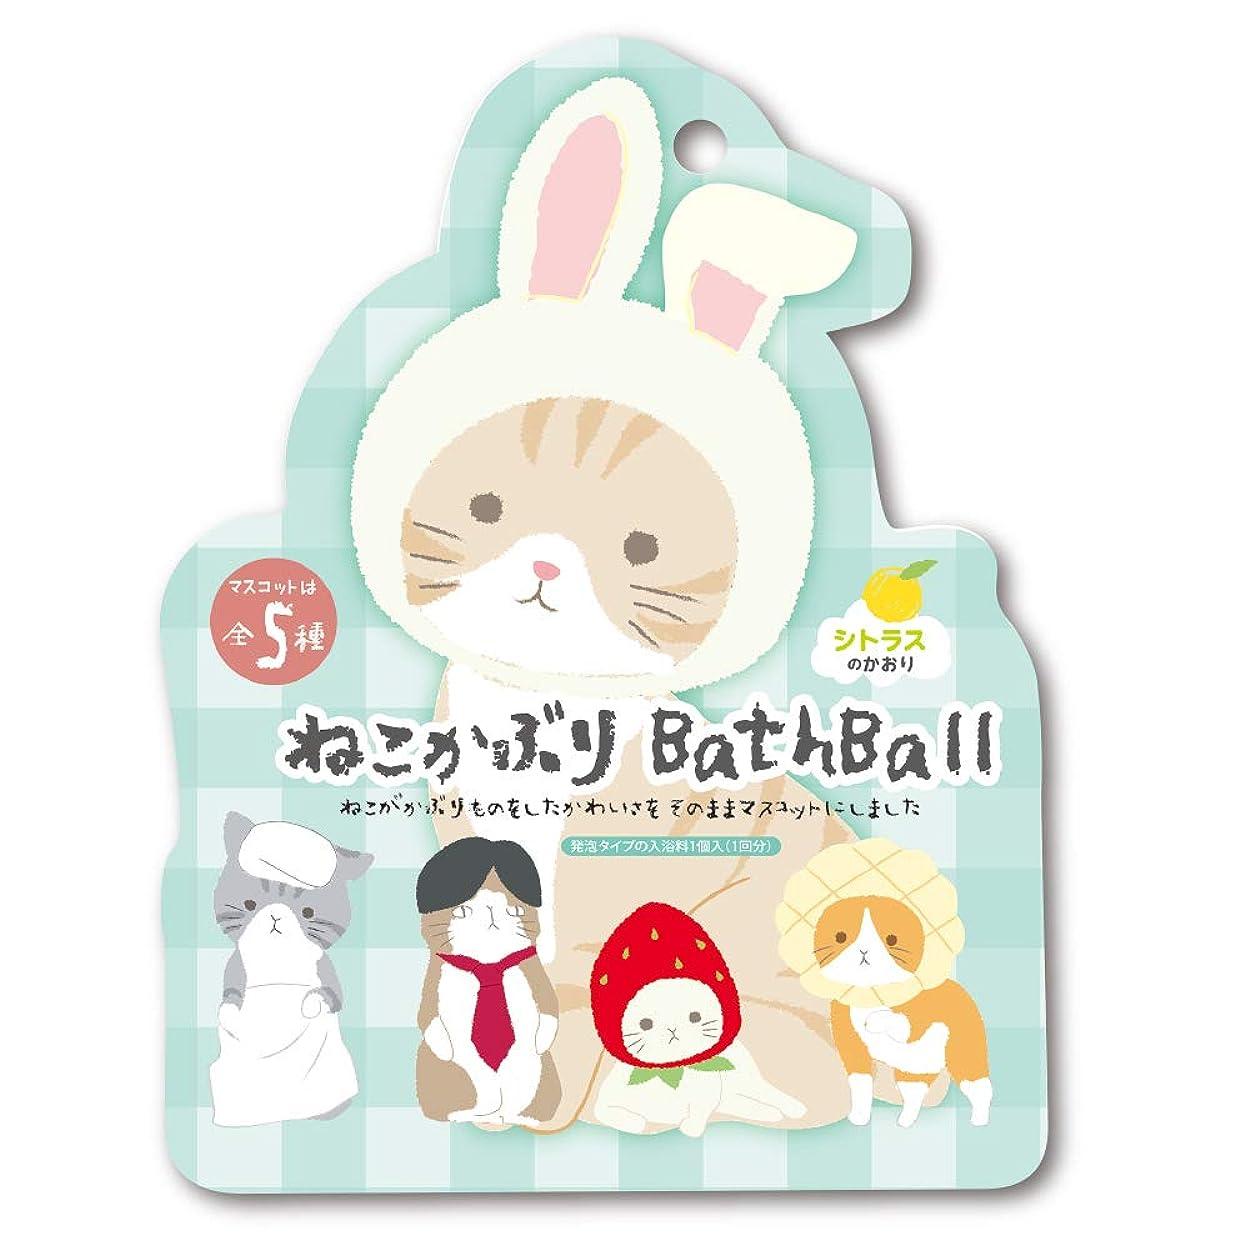 膨張する回転するパスタねこかぶり 入浴剤 バスボール おまけ付き シトラスの香り 50g OB-NEB-3-1